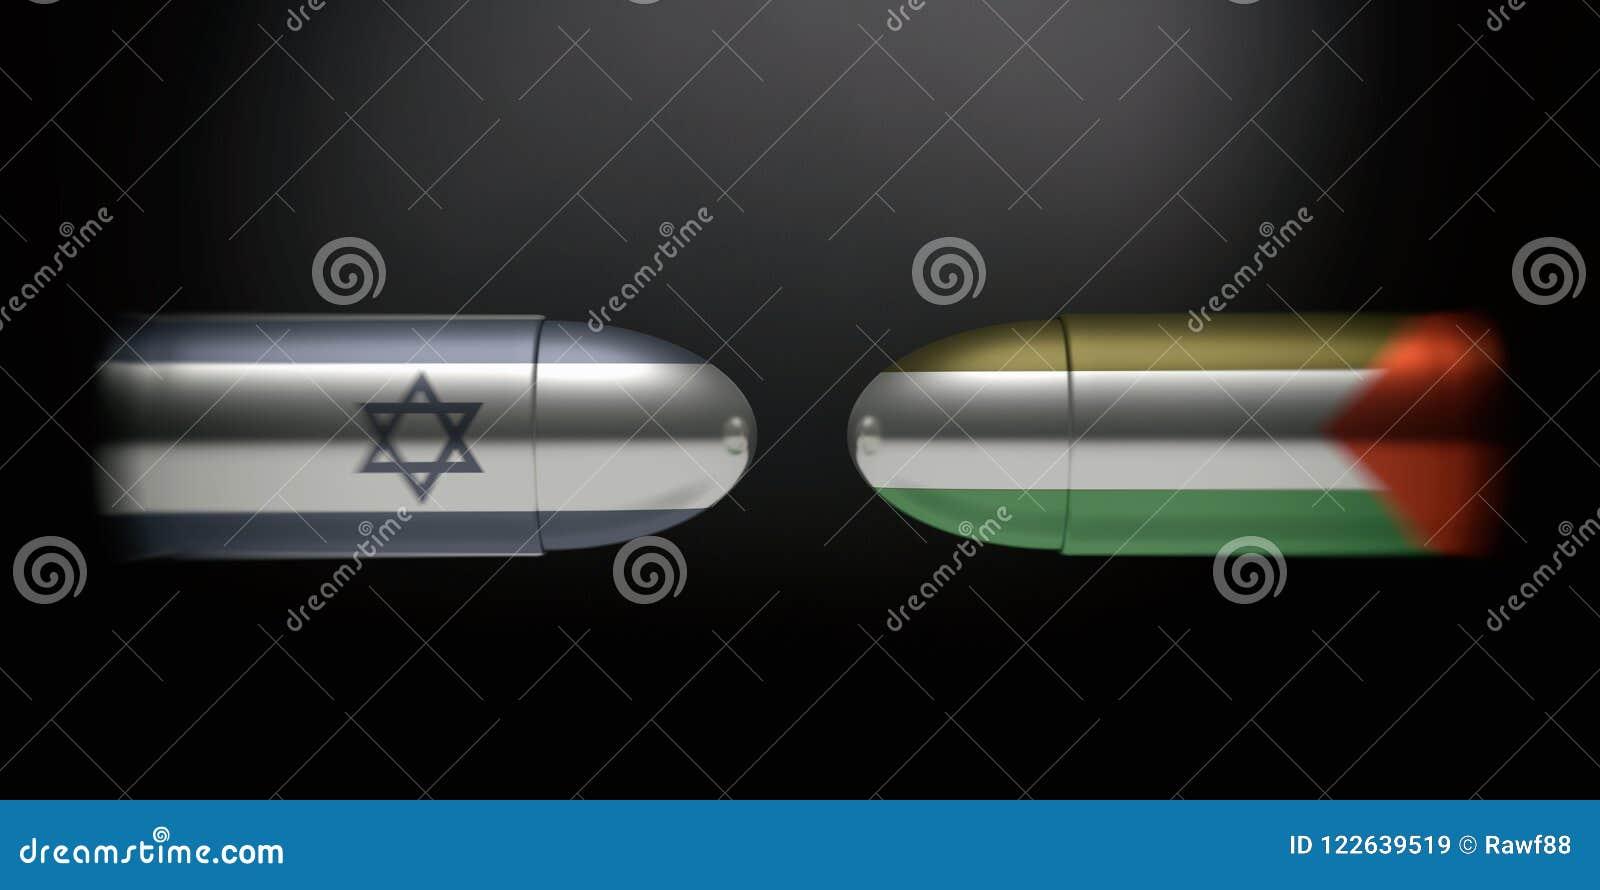 Drapeaux israéliens et palestiniens sur des balles, fond noir illustration 3D